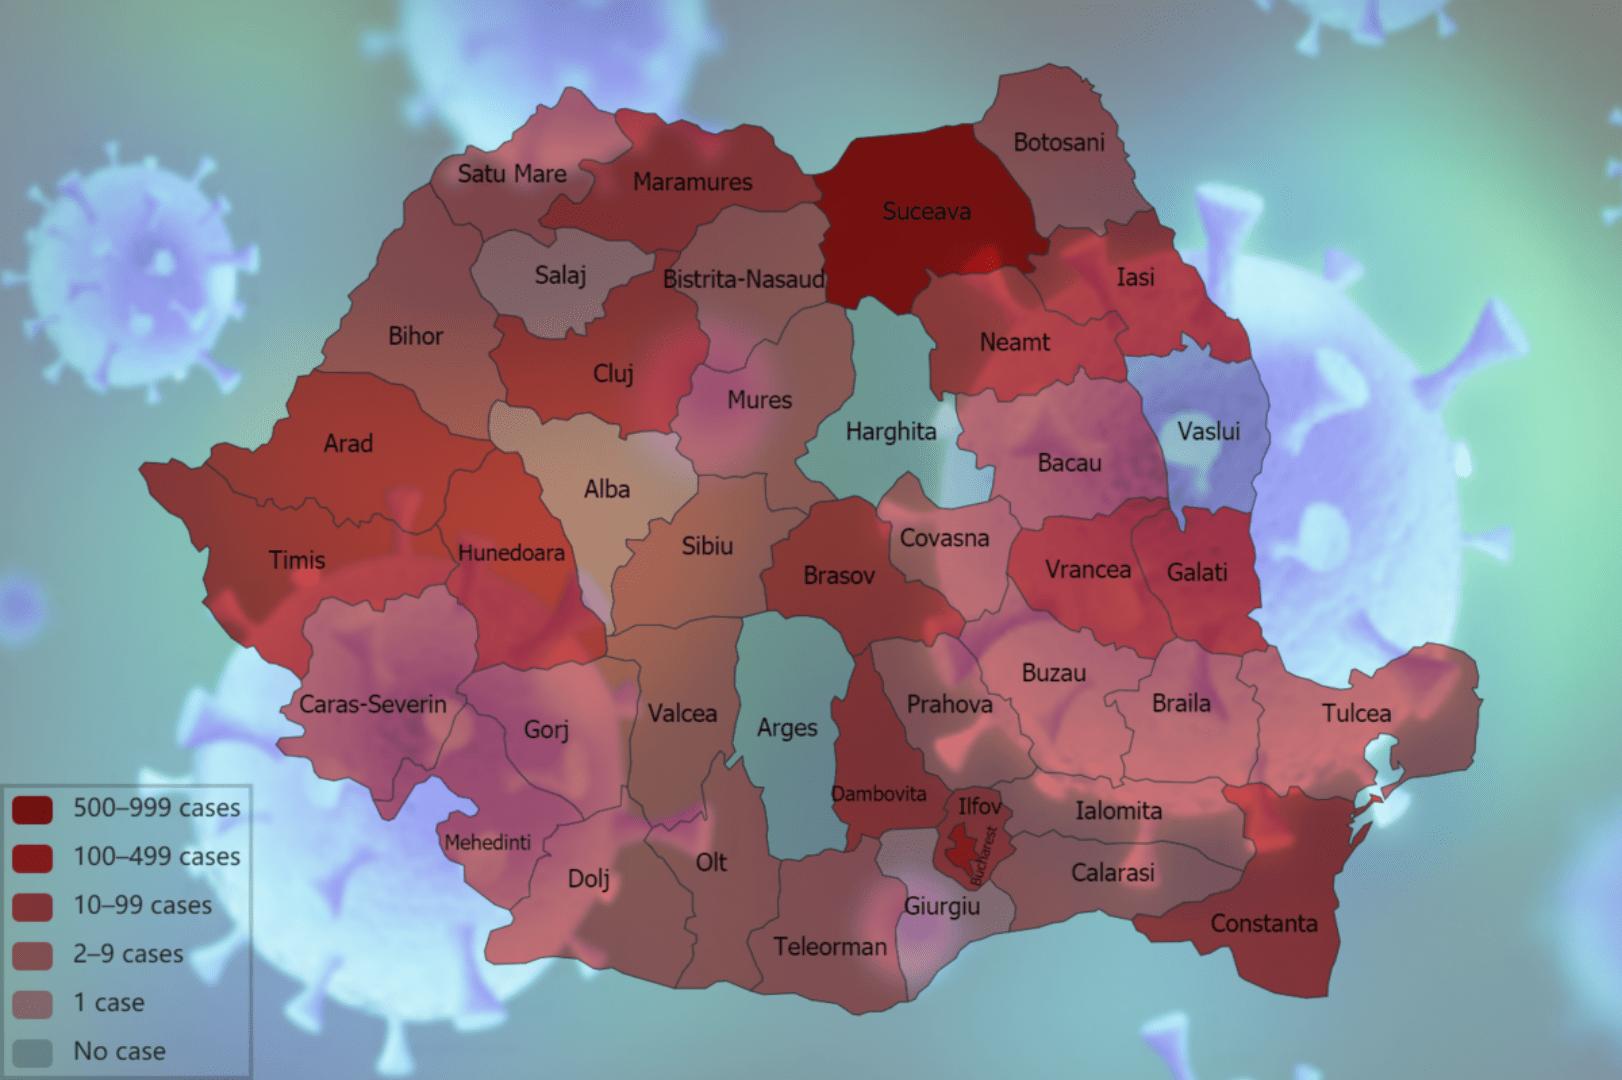 Situaţia pe judeţe a cazurilor de coronavirus: Suceava și București, cele mai multe cazuri de coronavirus